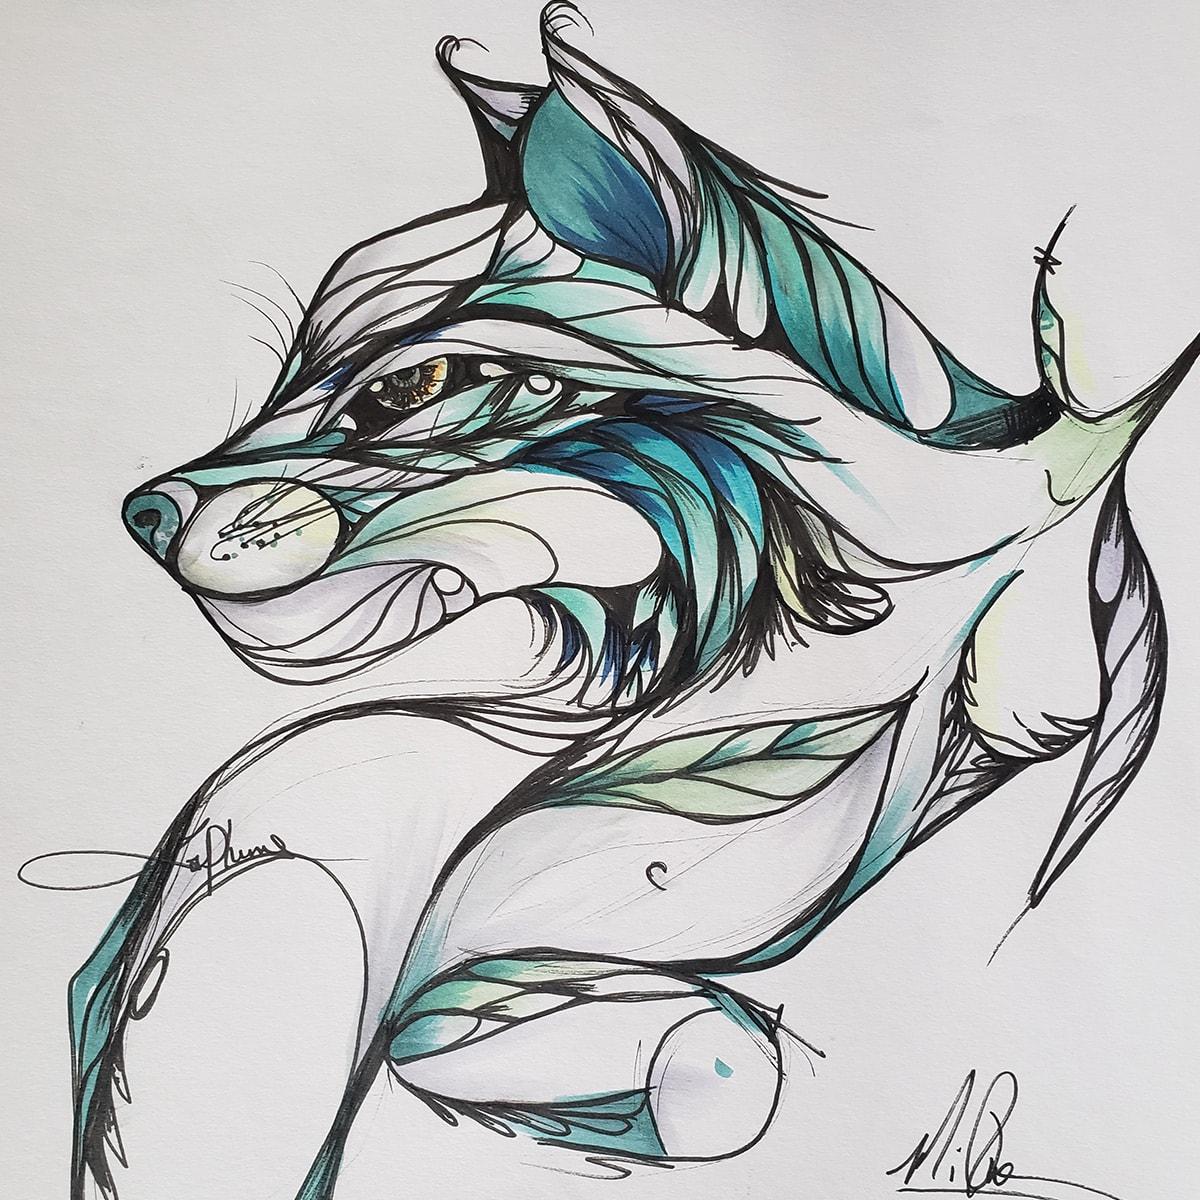 Art by Mique Michelle